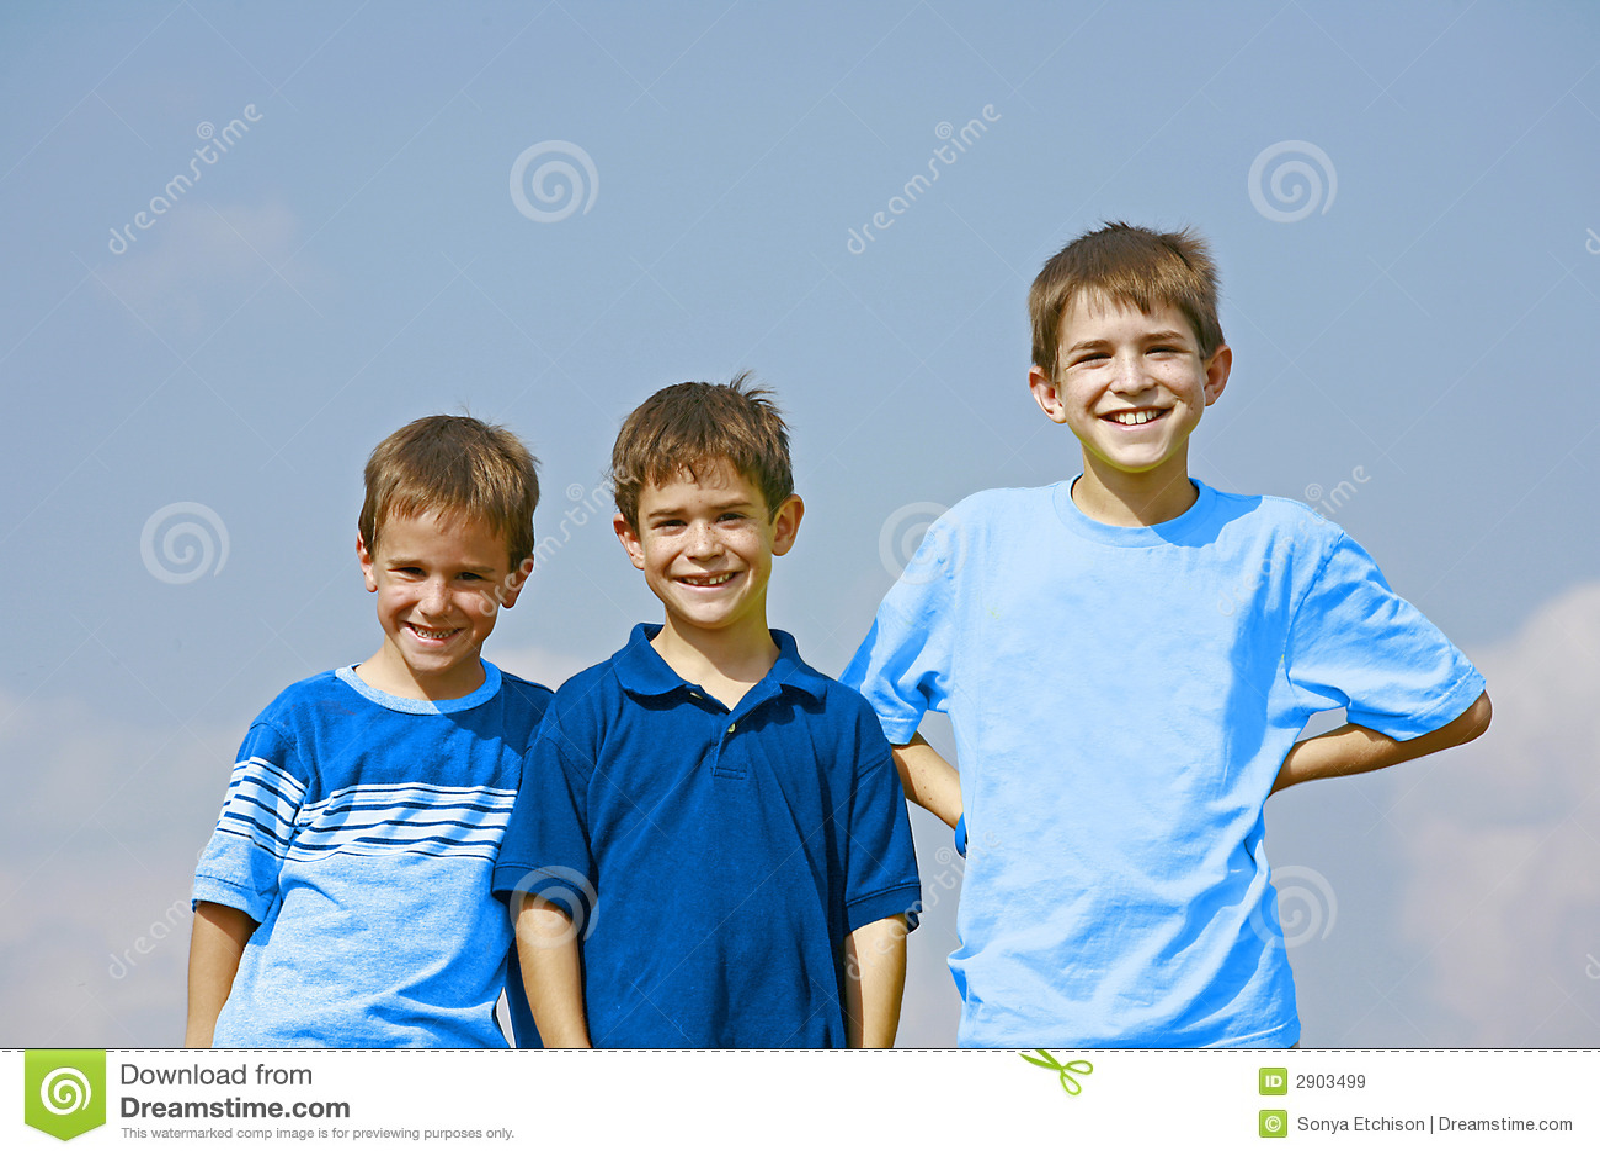 мальчики голубые видео